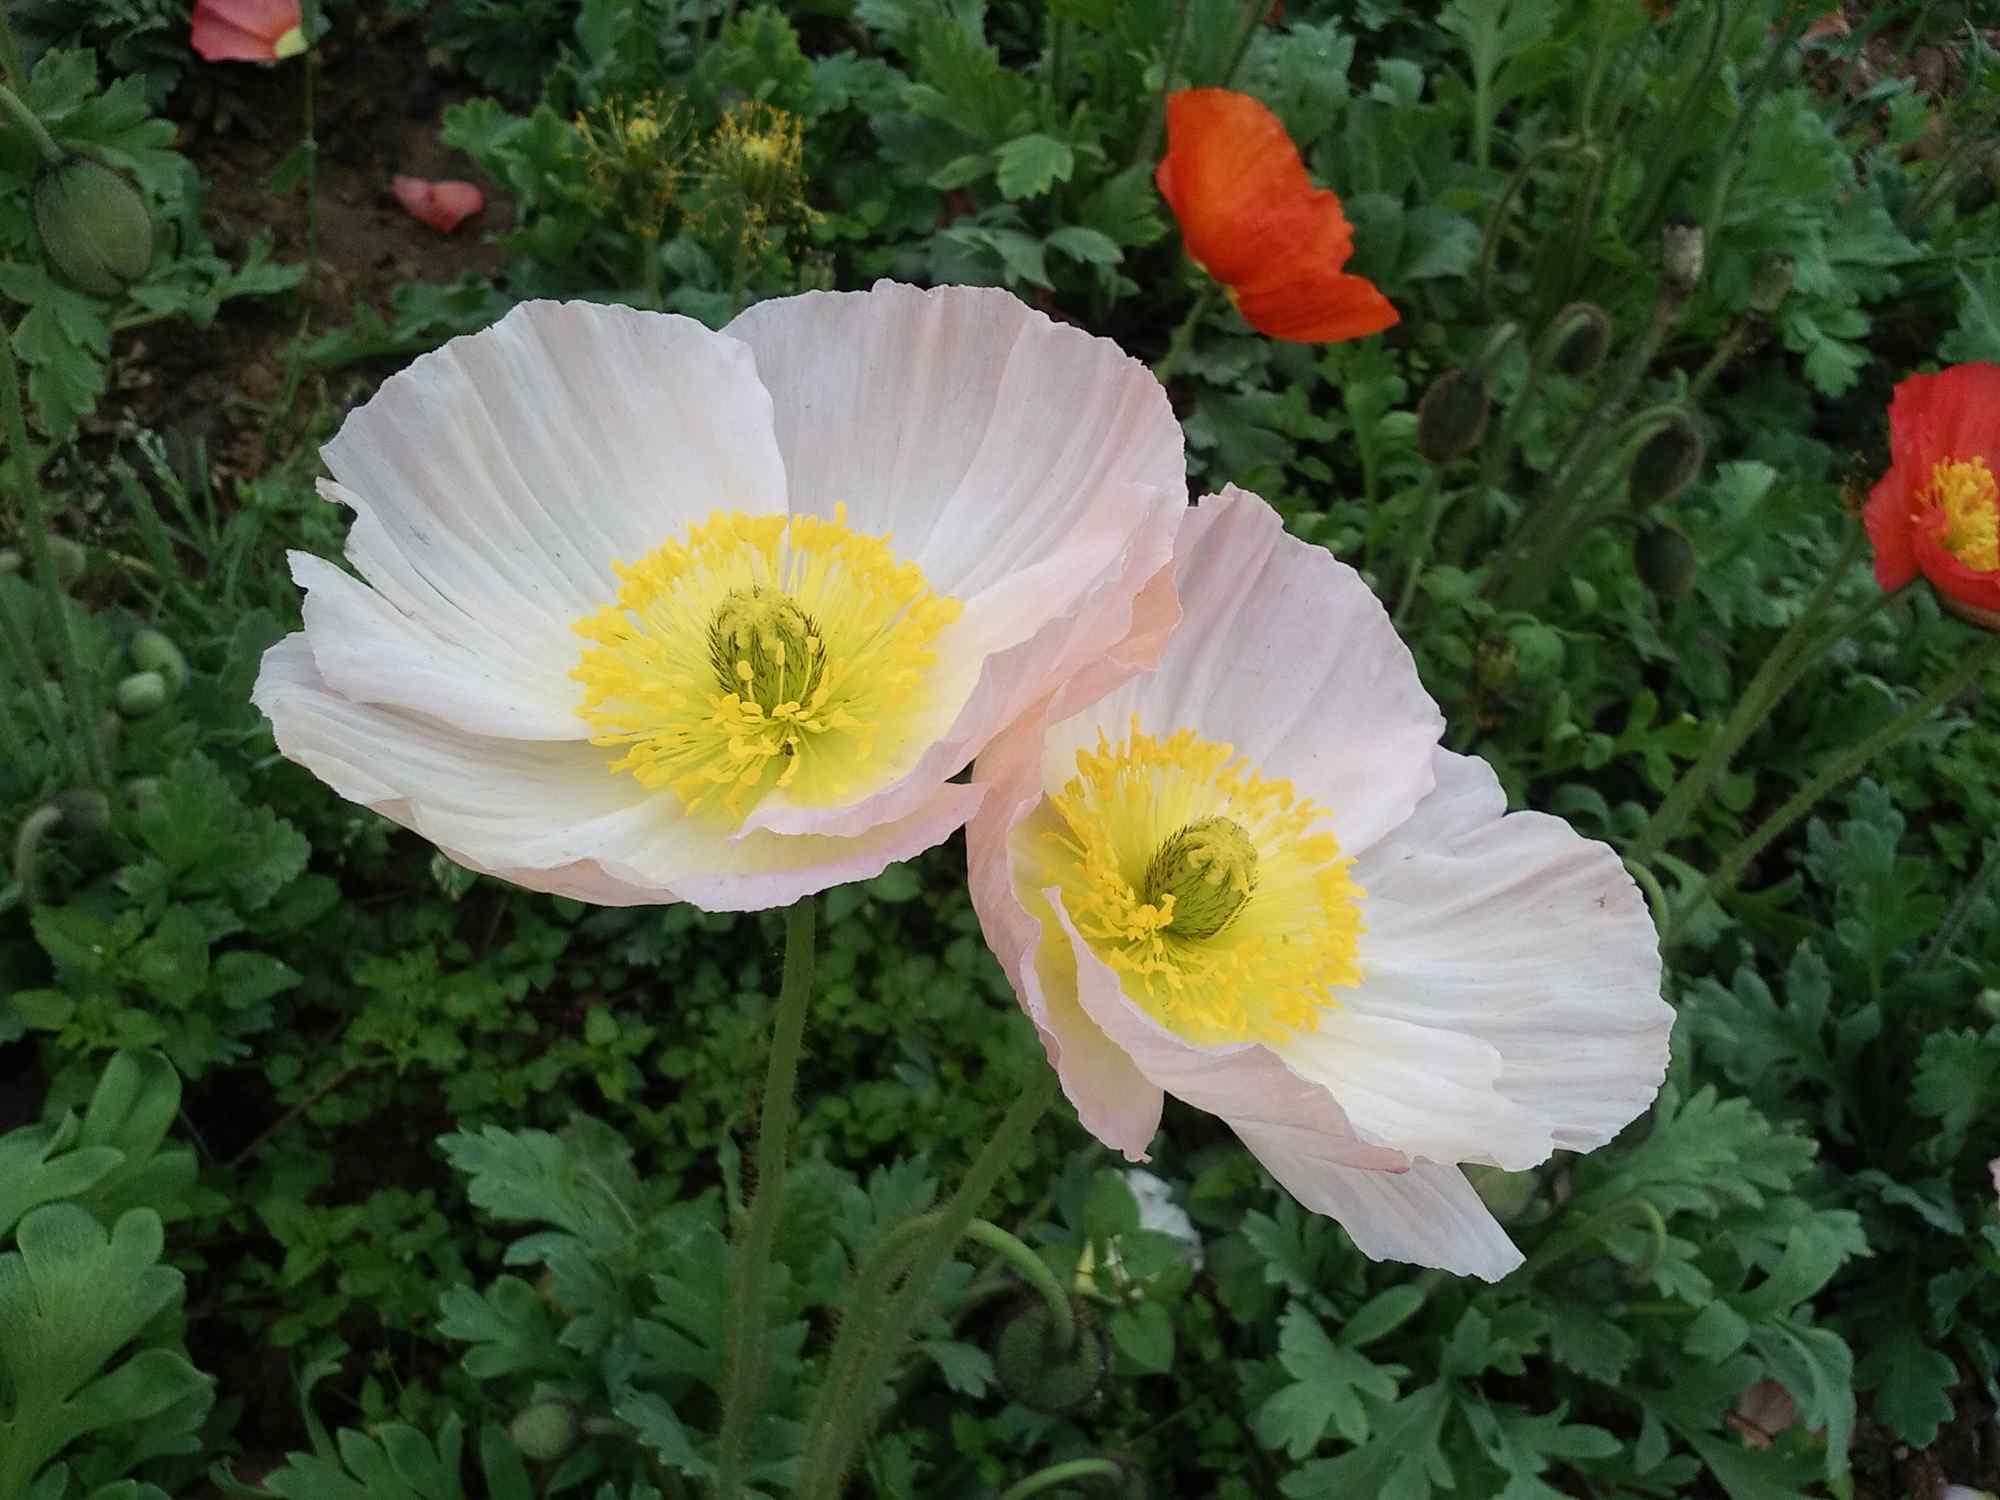 白色清新的虞美人图片植物壁纸下载